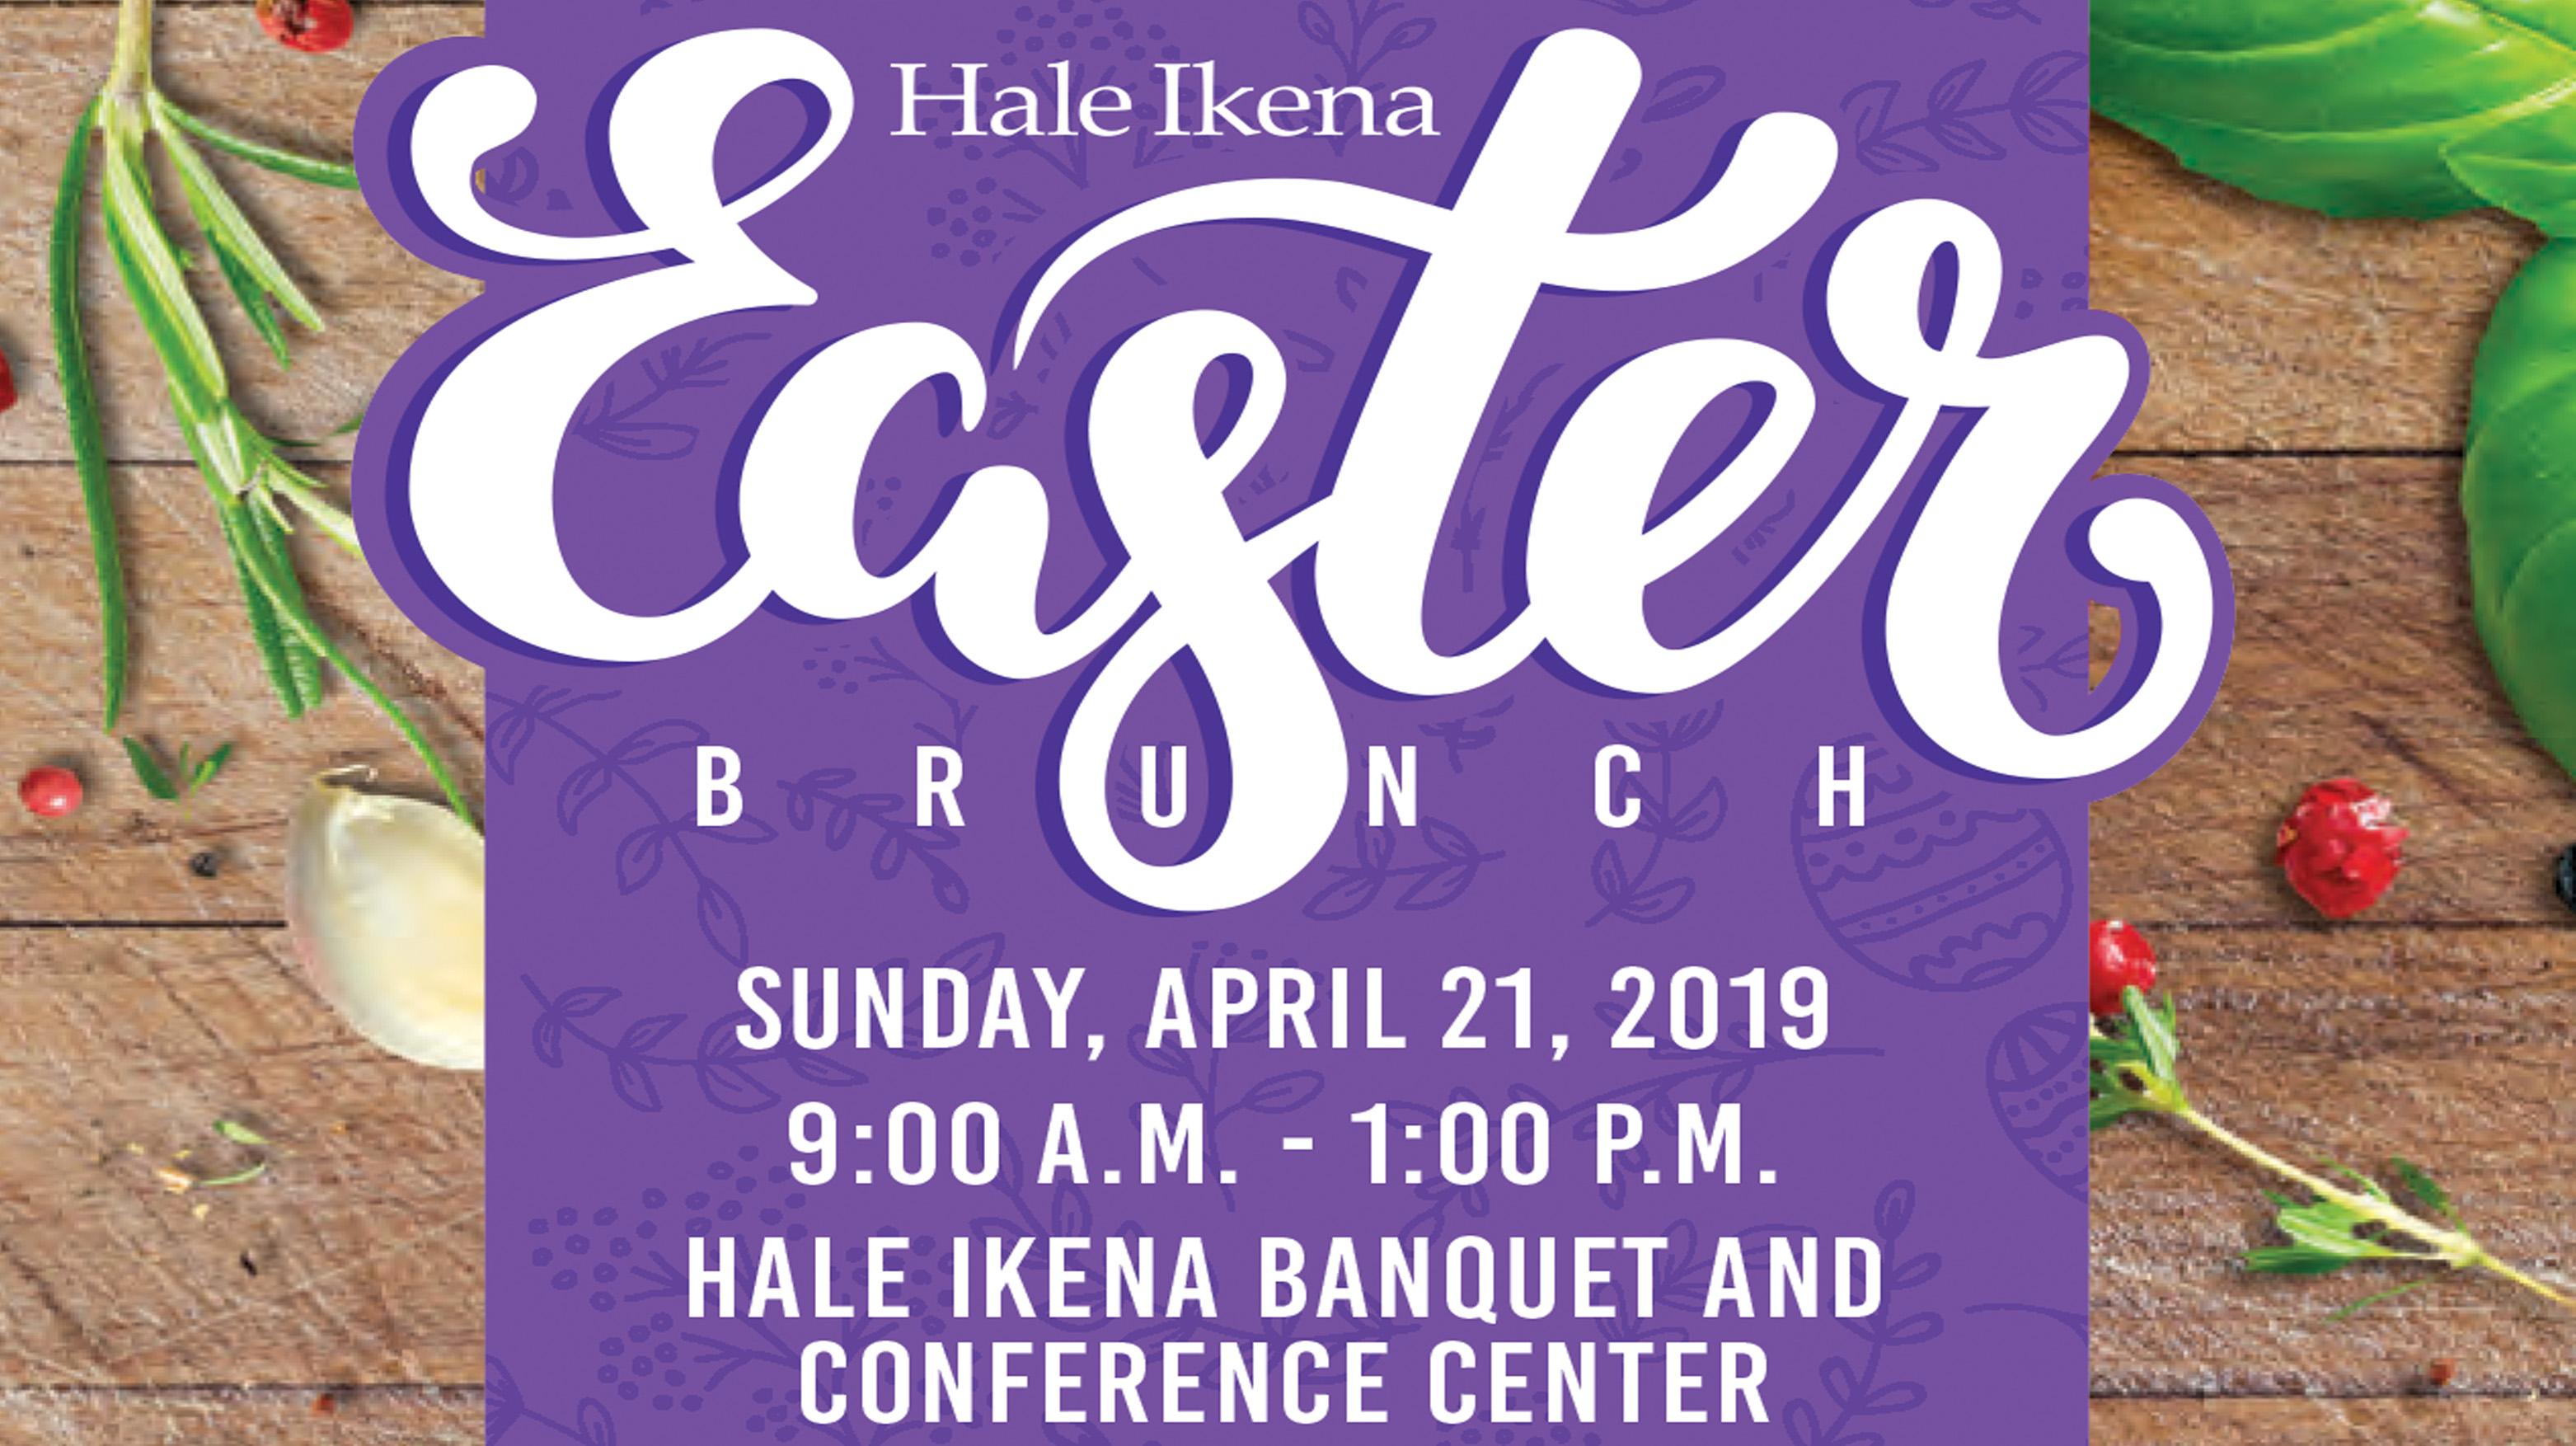 Easter Brunch - Hale Ikena